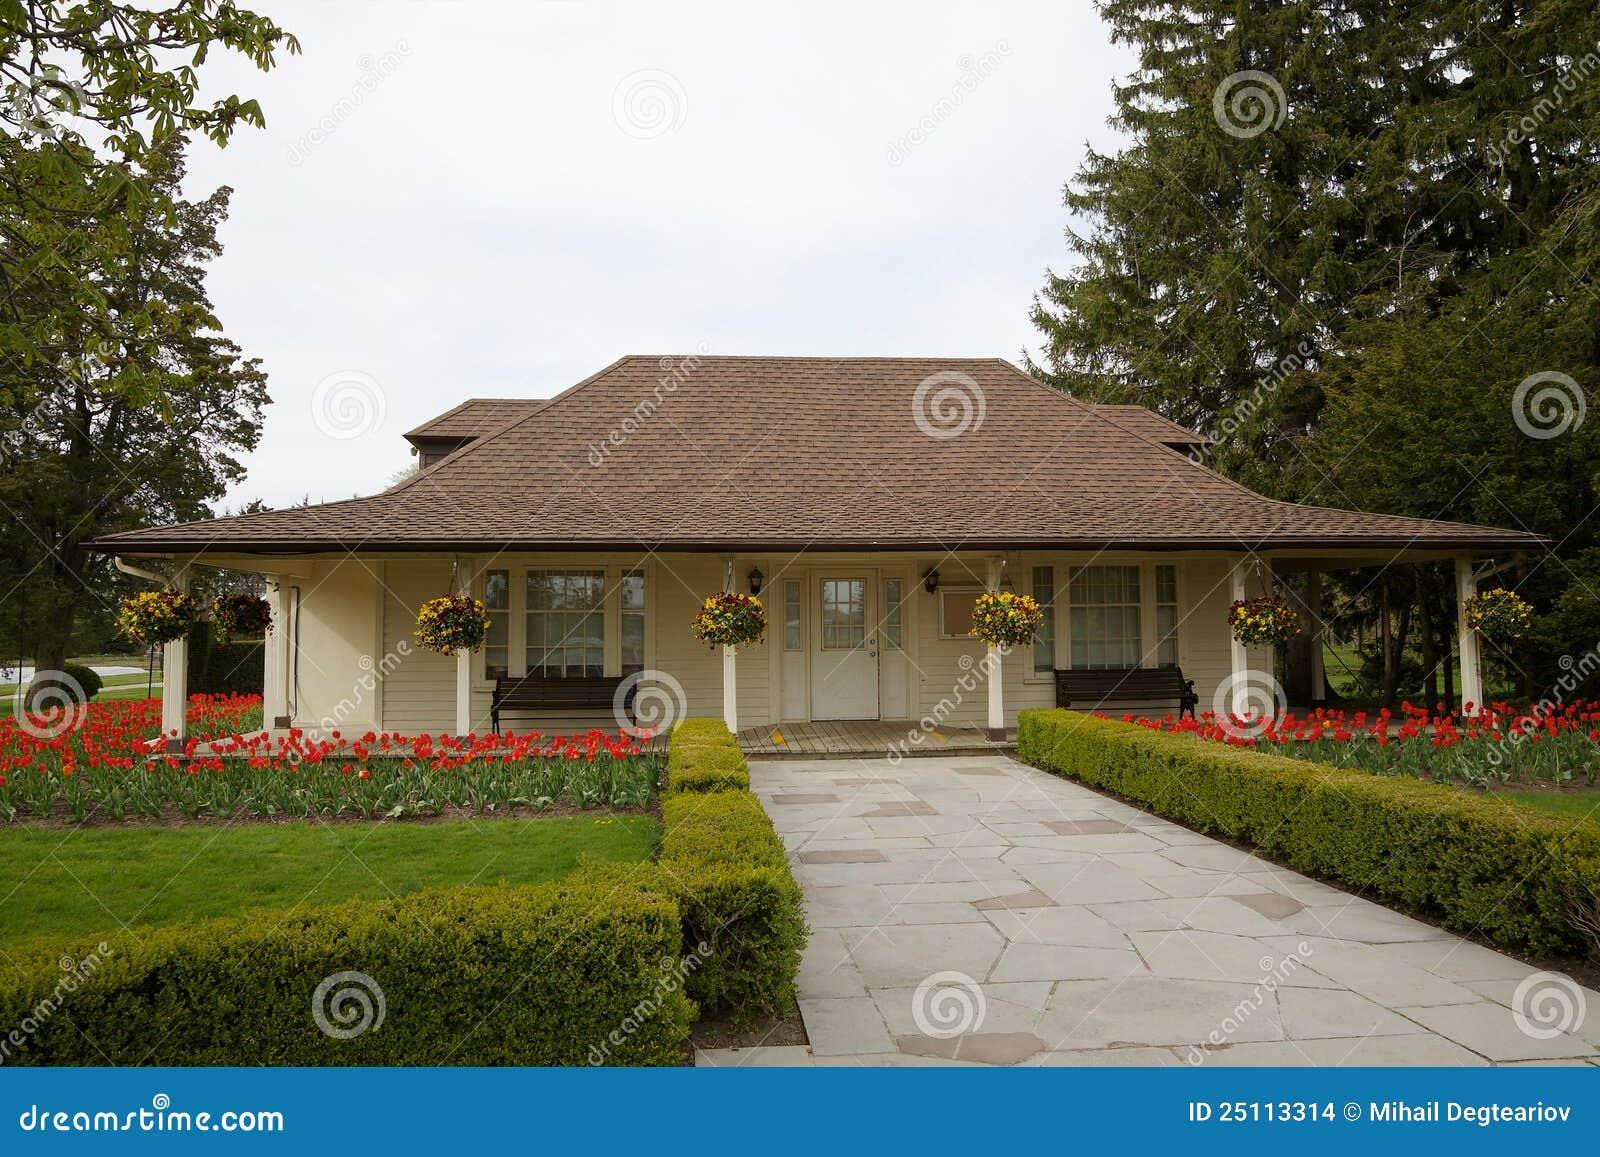 Bungalow immagini stock immagine 25113314 for Fantastici disegni di bungalow